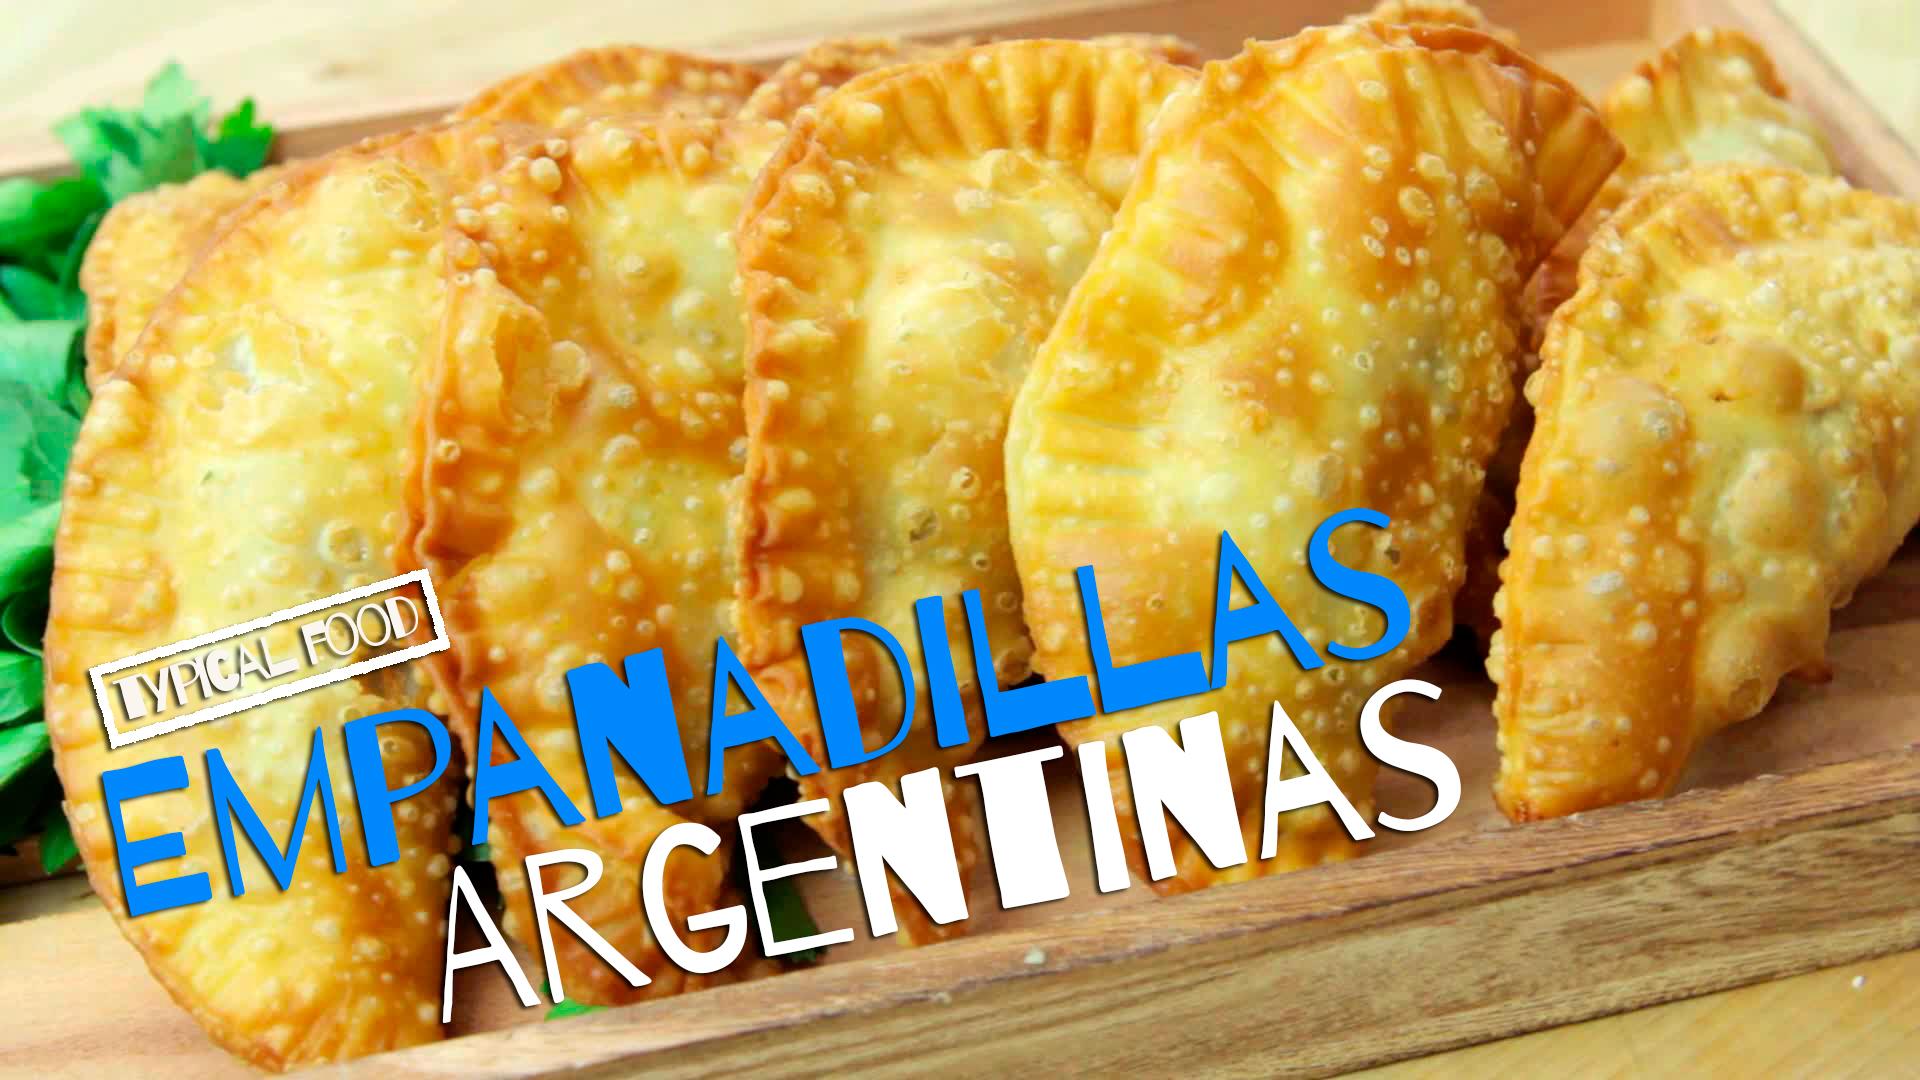 Temporada 1 Empanadillas Argentinas